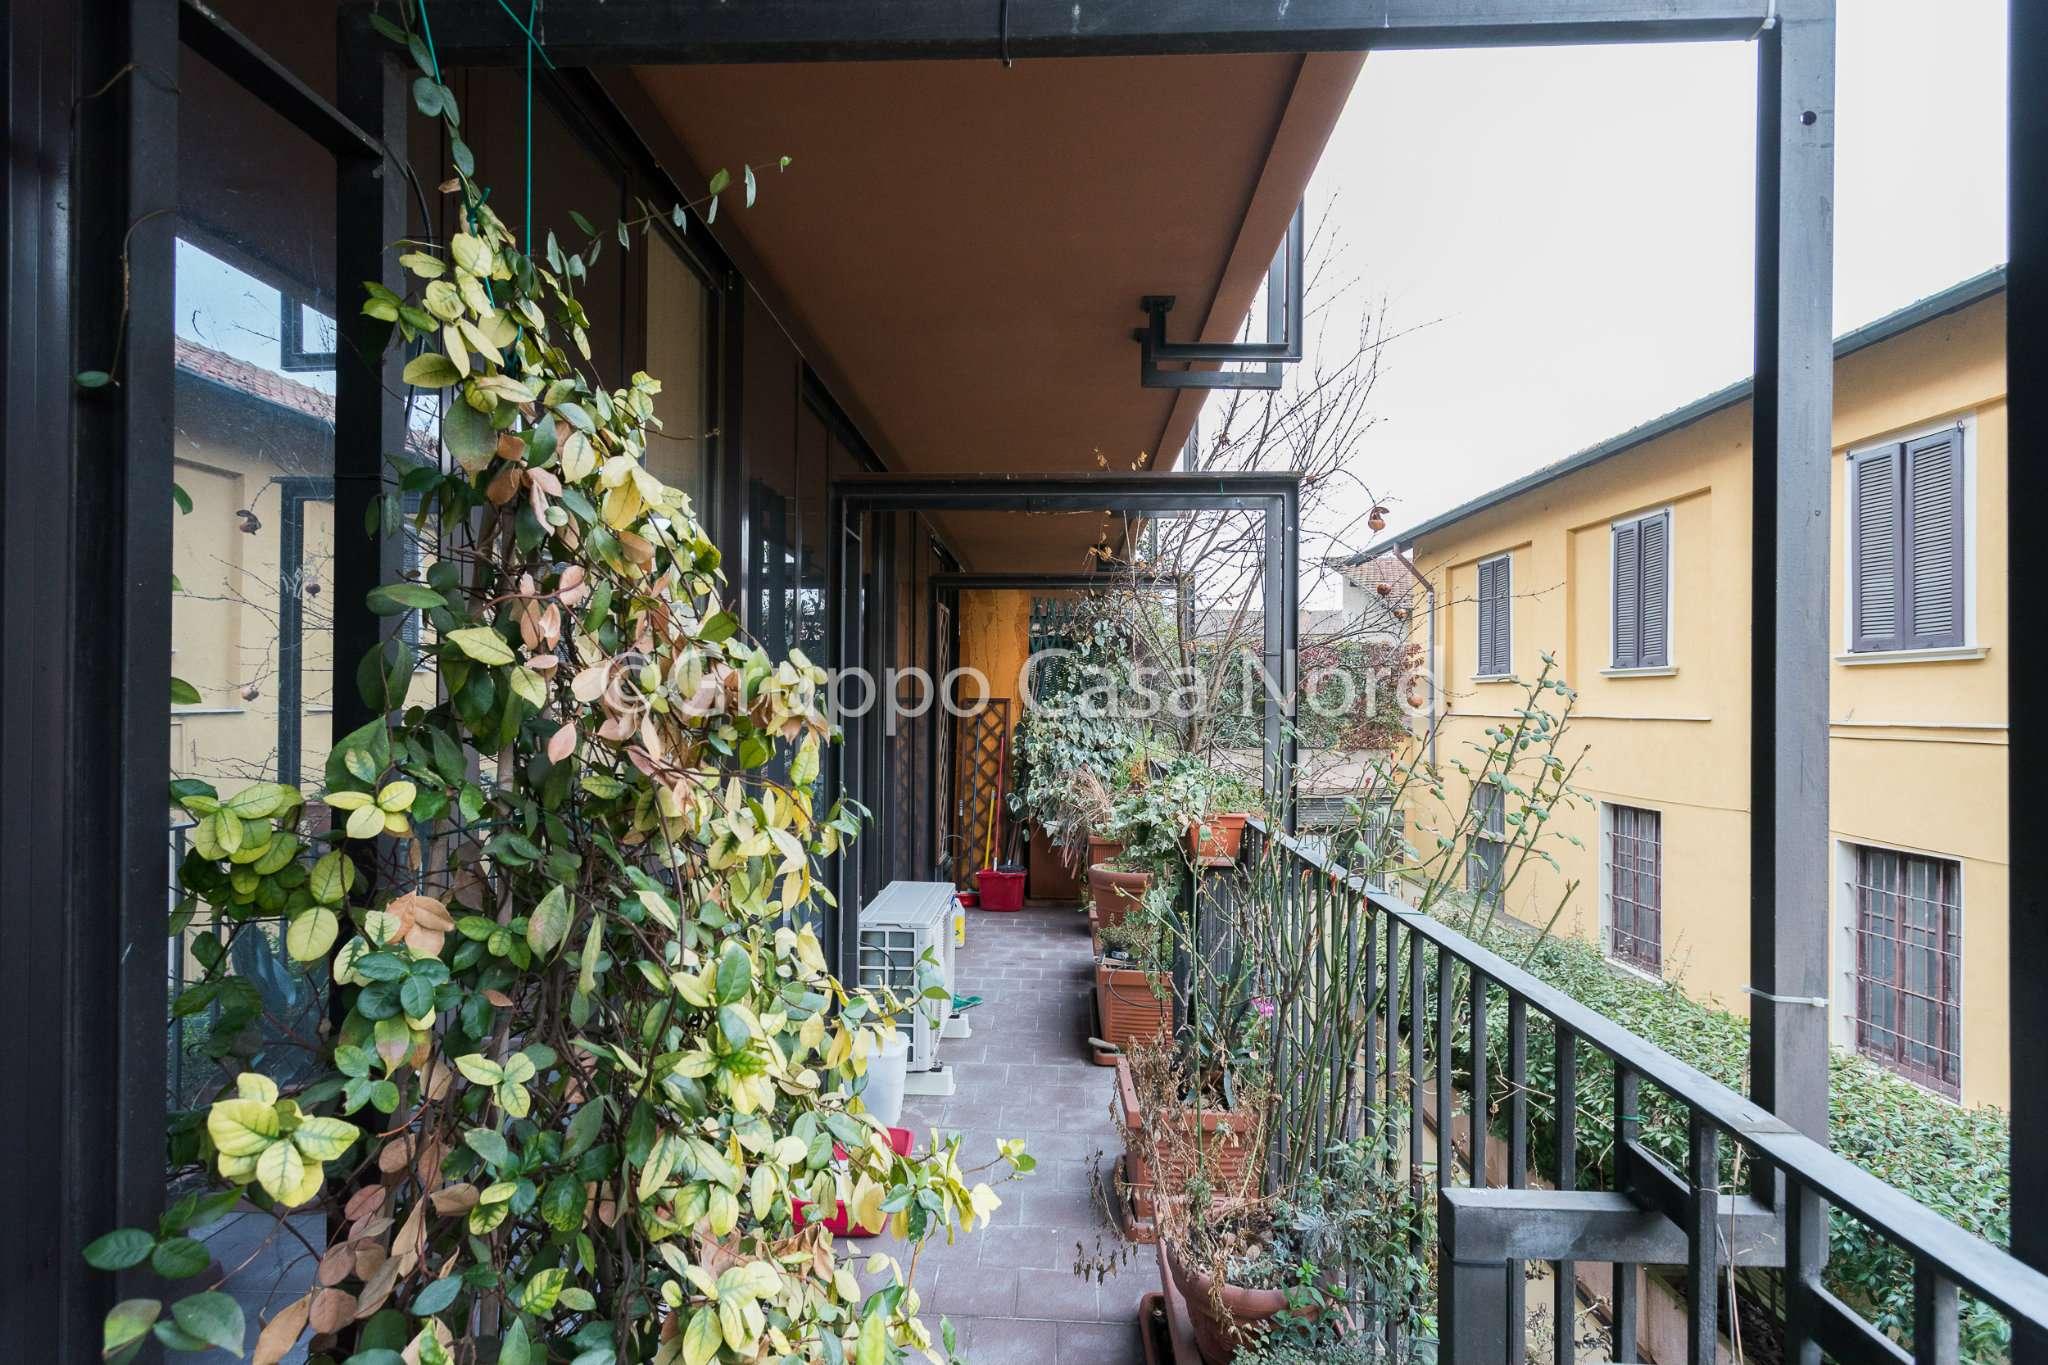 Appartamento in vendita a Cernusco sul Naviglio, 3 locali, prezzo € 320.000 | CambioCasa.it